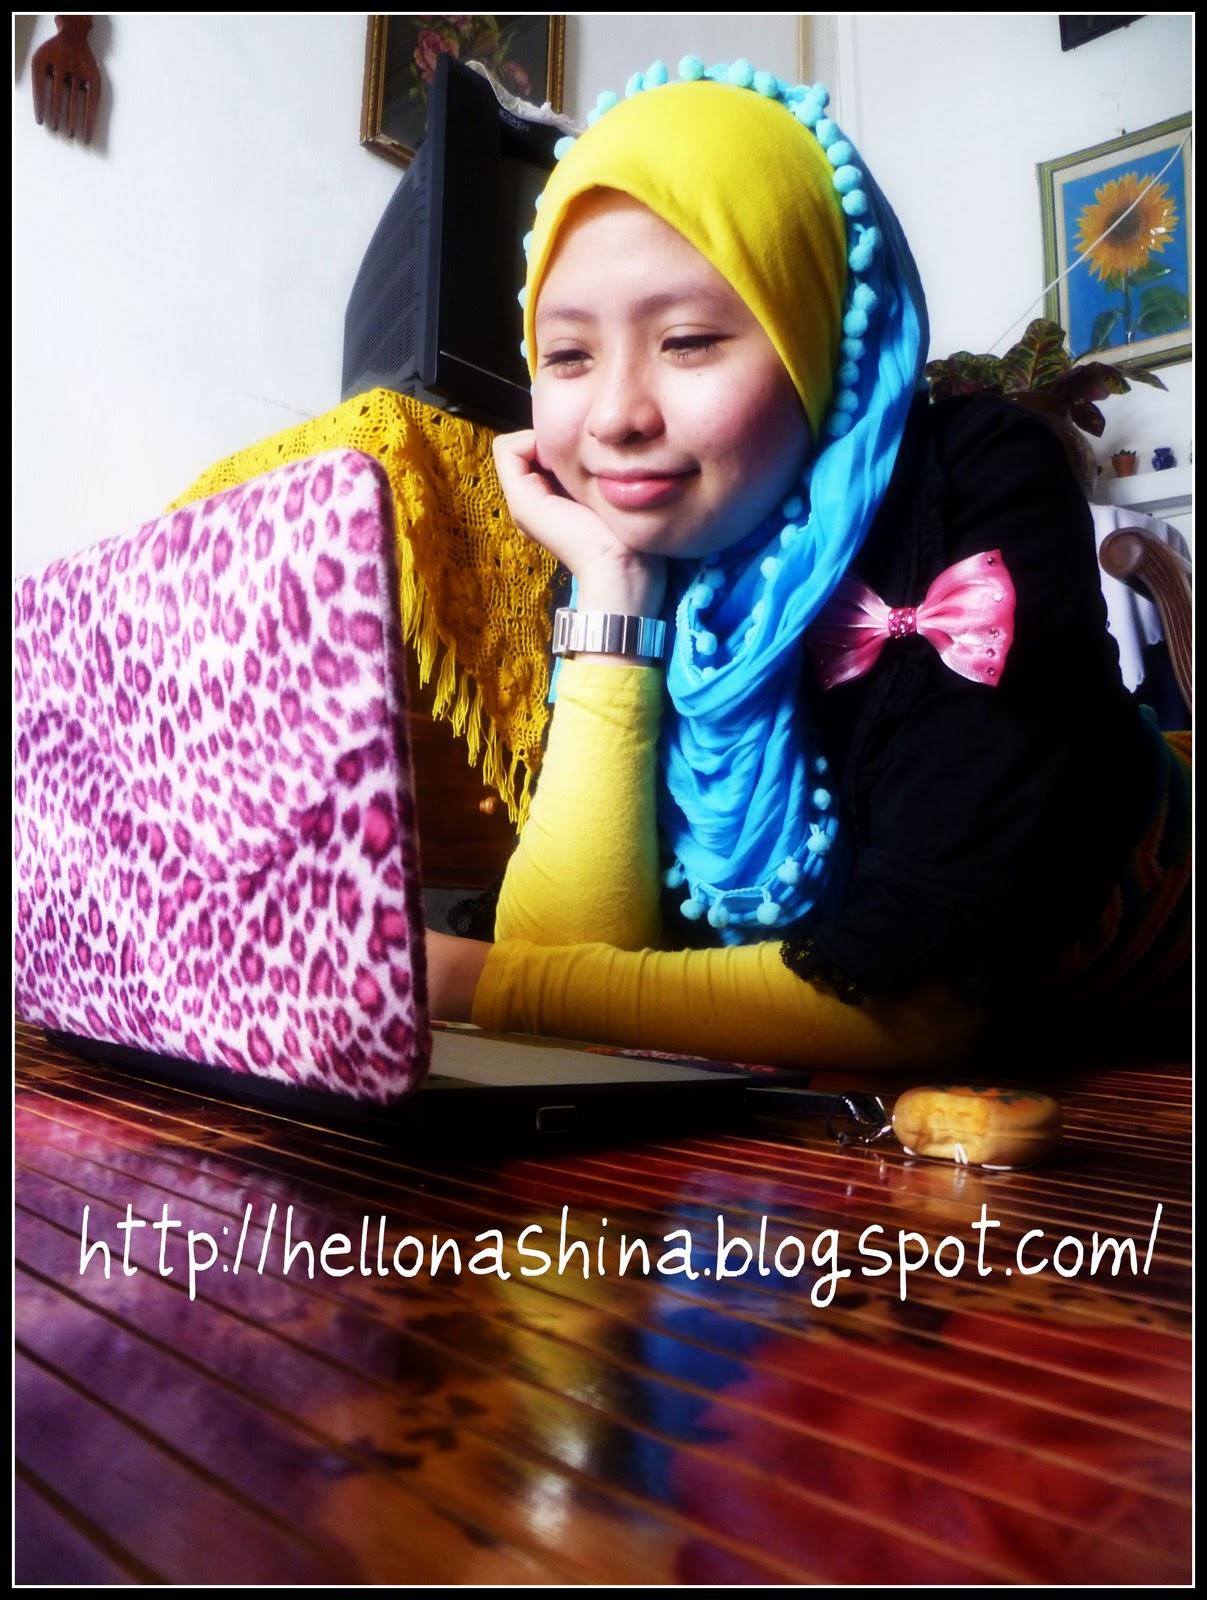 http://2.bp.blogspot.com/_rxiNkynA4qo/TU1YnhI8iVI/AAAAAAAABFs/xuRqcZ1KsNw/s1600/laptop.jpg